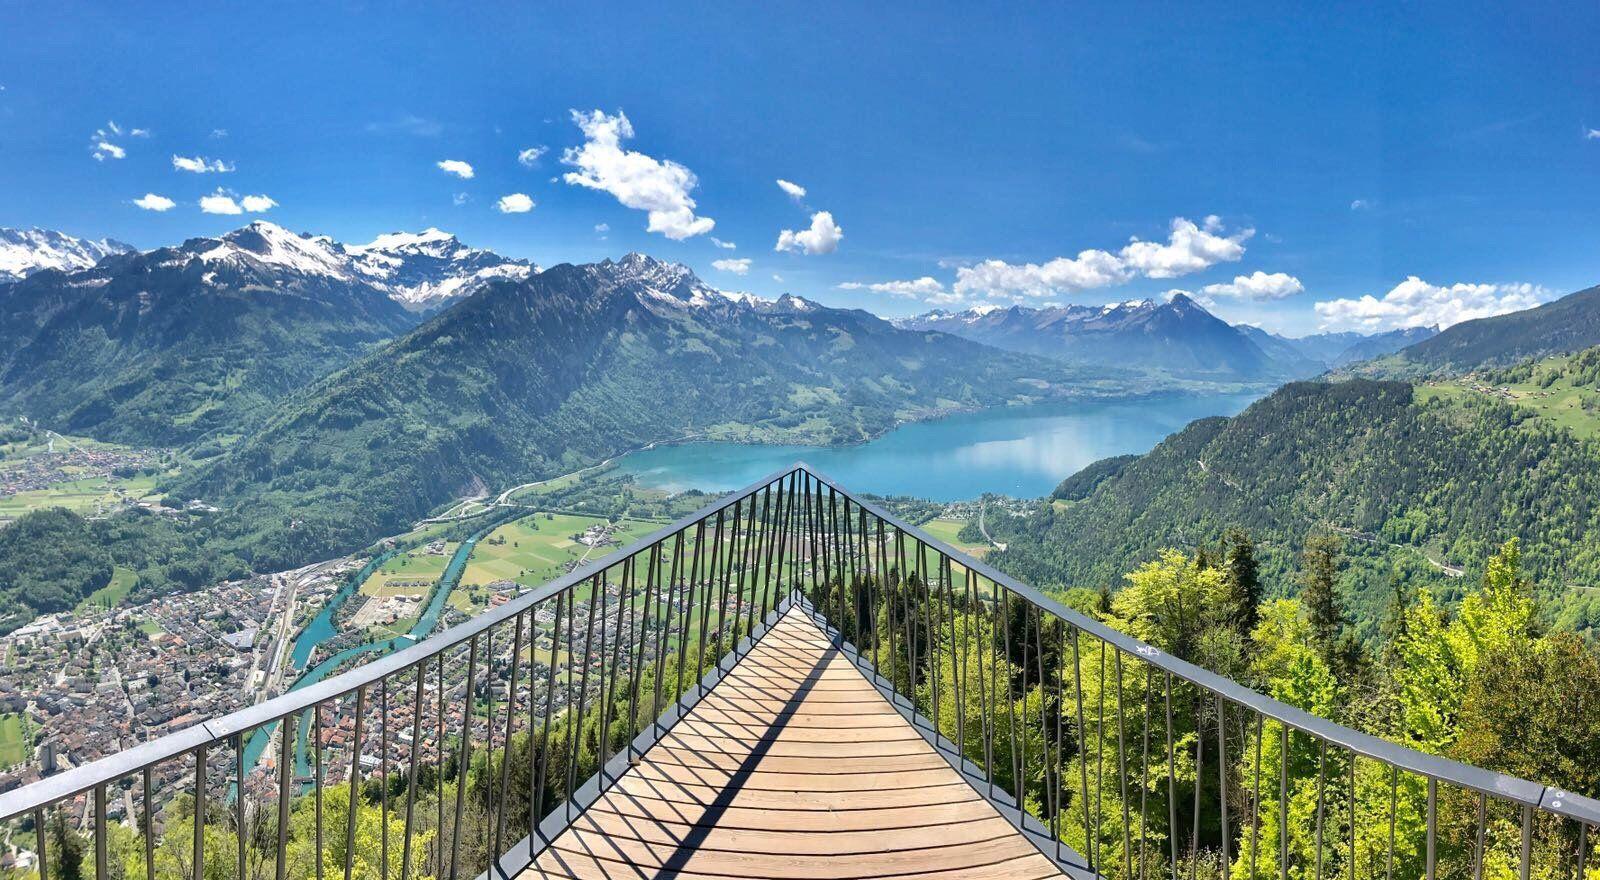 5 انشطة سياحية يمكن القيام بها في مطل هاردير كولم في انترلاكن سويسرا